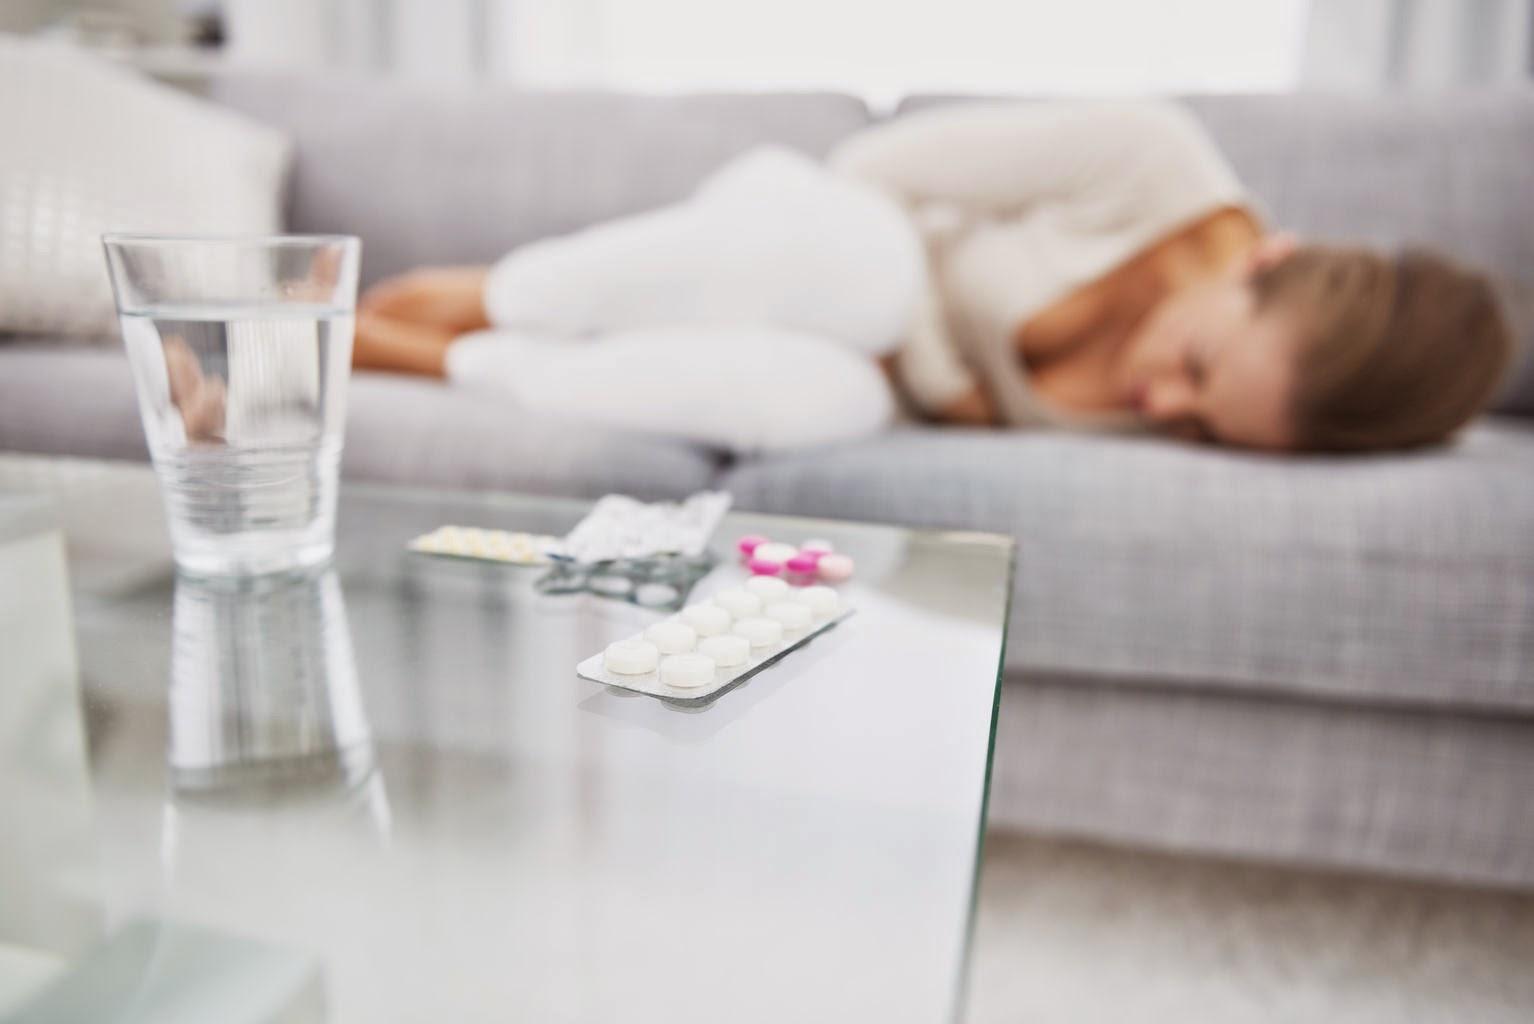 antidepressivos antidepressivos - 10 - Antidepressivos aliviam sintomas, mas não resolvem o problema e podem até piorar o quadro a longo prazo